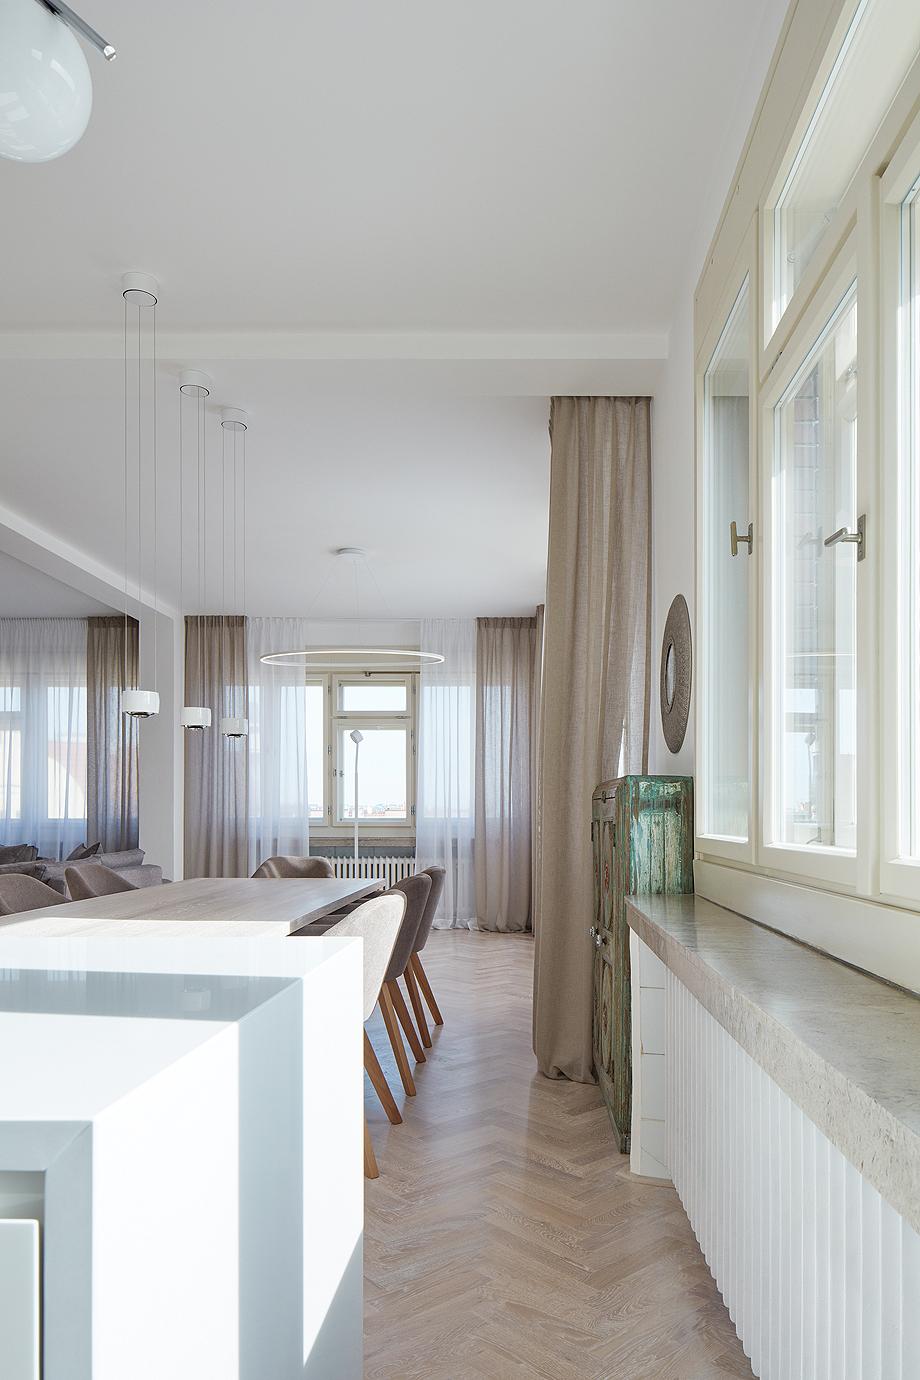 apartamento hamrova letna apartment objectum (6)